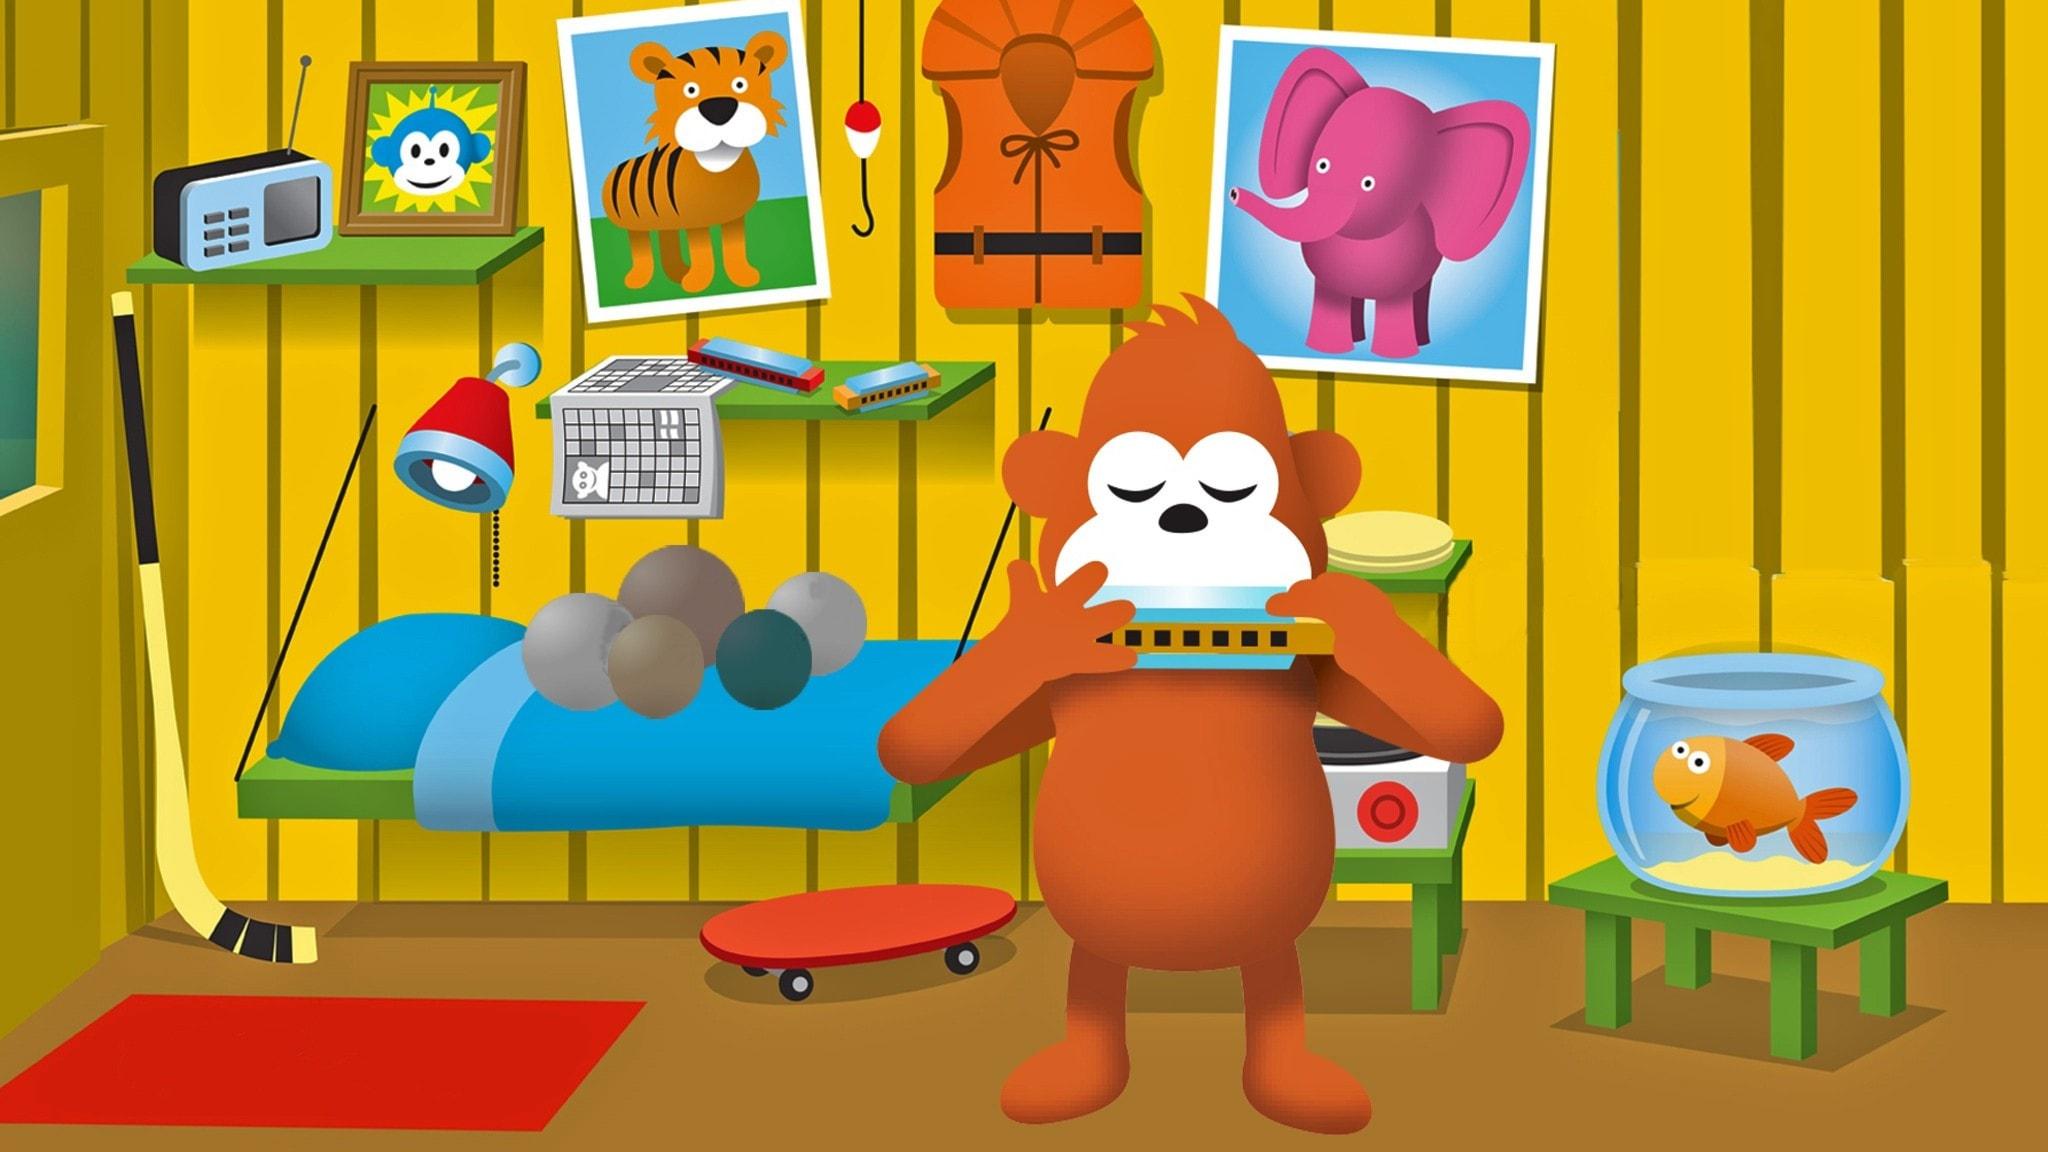 Gorilja soittaa huuliharppua huoneessan